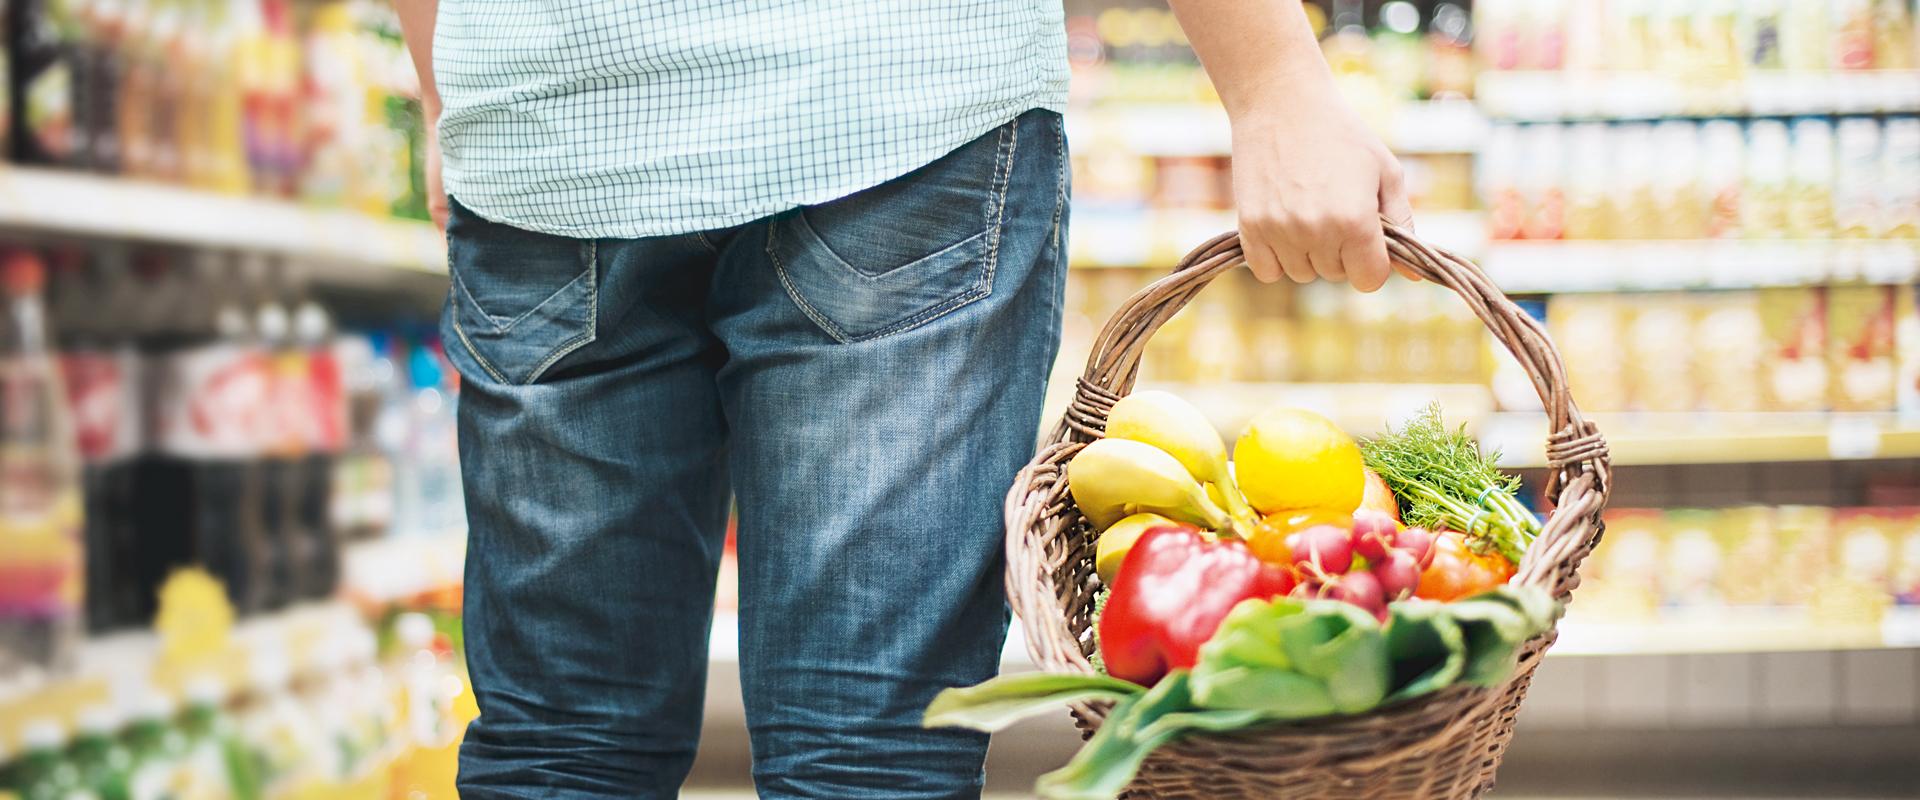 Mann trägt Korb mit frischem Gemüse und frischen Früchten